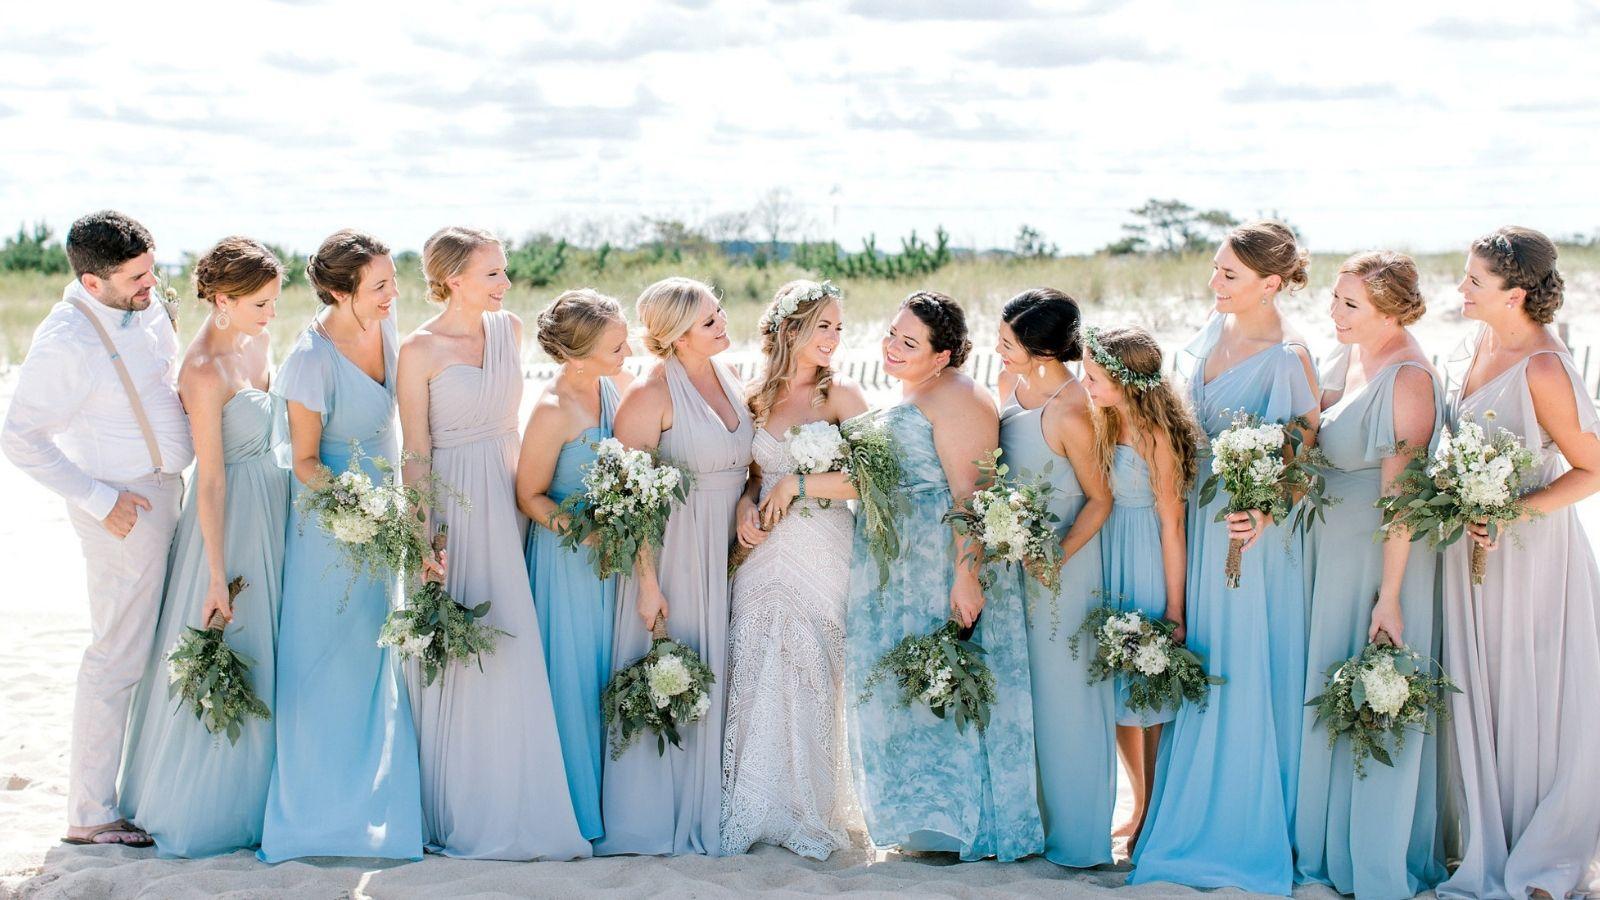 Bí quyết chọn đầm dự tiệc cưới bên bãi biển